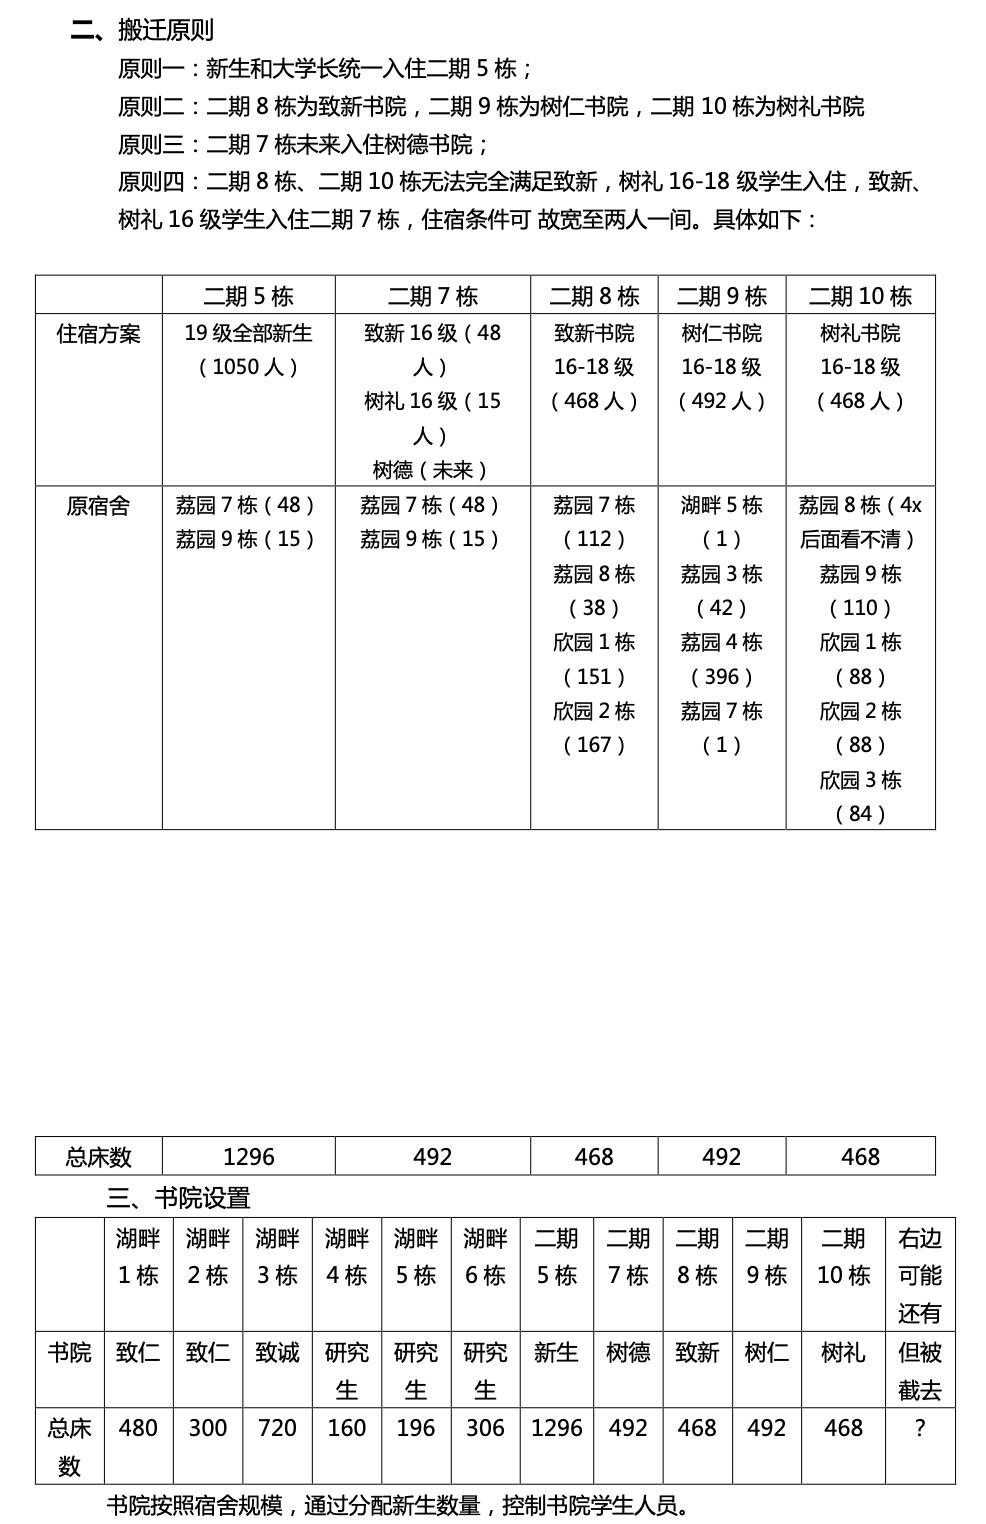 《搬迁工作实施方案》(2019),这份文件中的二期宿舍5栋对应现在的二期11栋;方案中的二期7、8、9、10栋分别对应现在的二期13、14、15、16栋